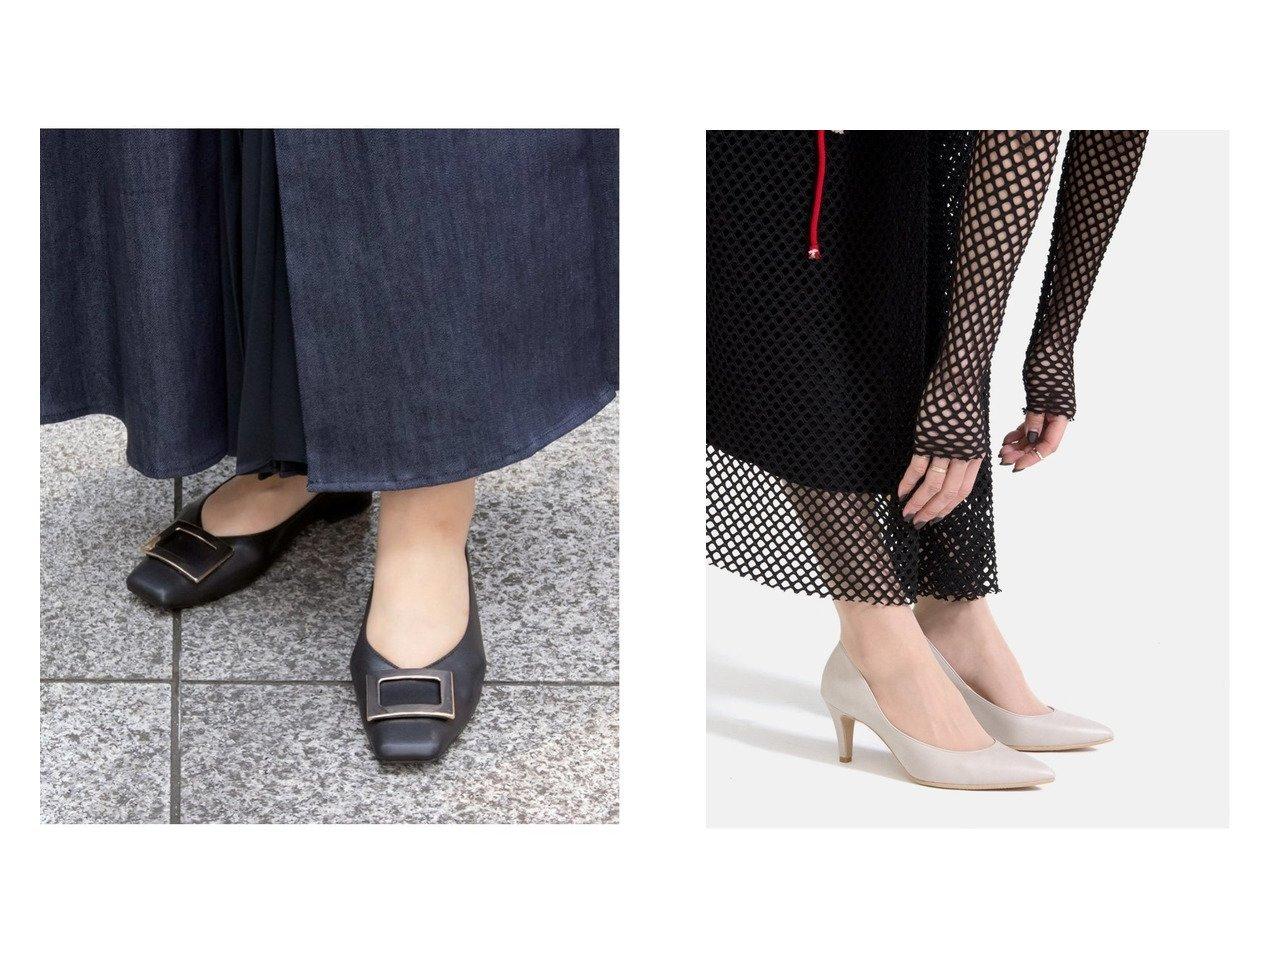 【MAMIAN/マミアン】の【iCon2】ファンデーションズ_F7203&【RANDA/ランダ】のソフトバックルVカットパンプス 【シューズ・靴】おすすめ!人気、トレンド・レディースファッションの通販 おすすめで人気の流行・トレンド、ファッションの通販商品 メンズファッション・キッズファッション・インテリア・家具・レディースファッション・服の通販 founy(ファニー) https://founy.com/ ファッション Fashion レディースファッション WOMEN バッグ Bag エアリー クッション サテン シューズ なめらか ハイヒール パウダー メッシュ ラバー 2021年 2021 S/S・春夏 SS・Spring/Summer 2021春夏・S/S SS/Spring/Summer/2021 A/W・秋冬 AW・Autumn/Winter・FW・Fall-Winter フラット 春 Spring |ID:crp329100000030410